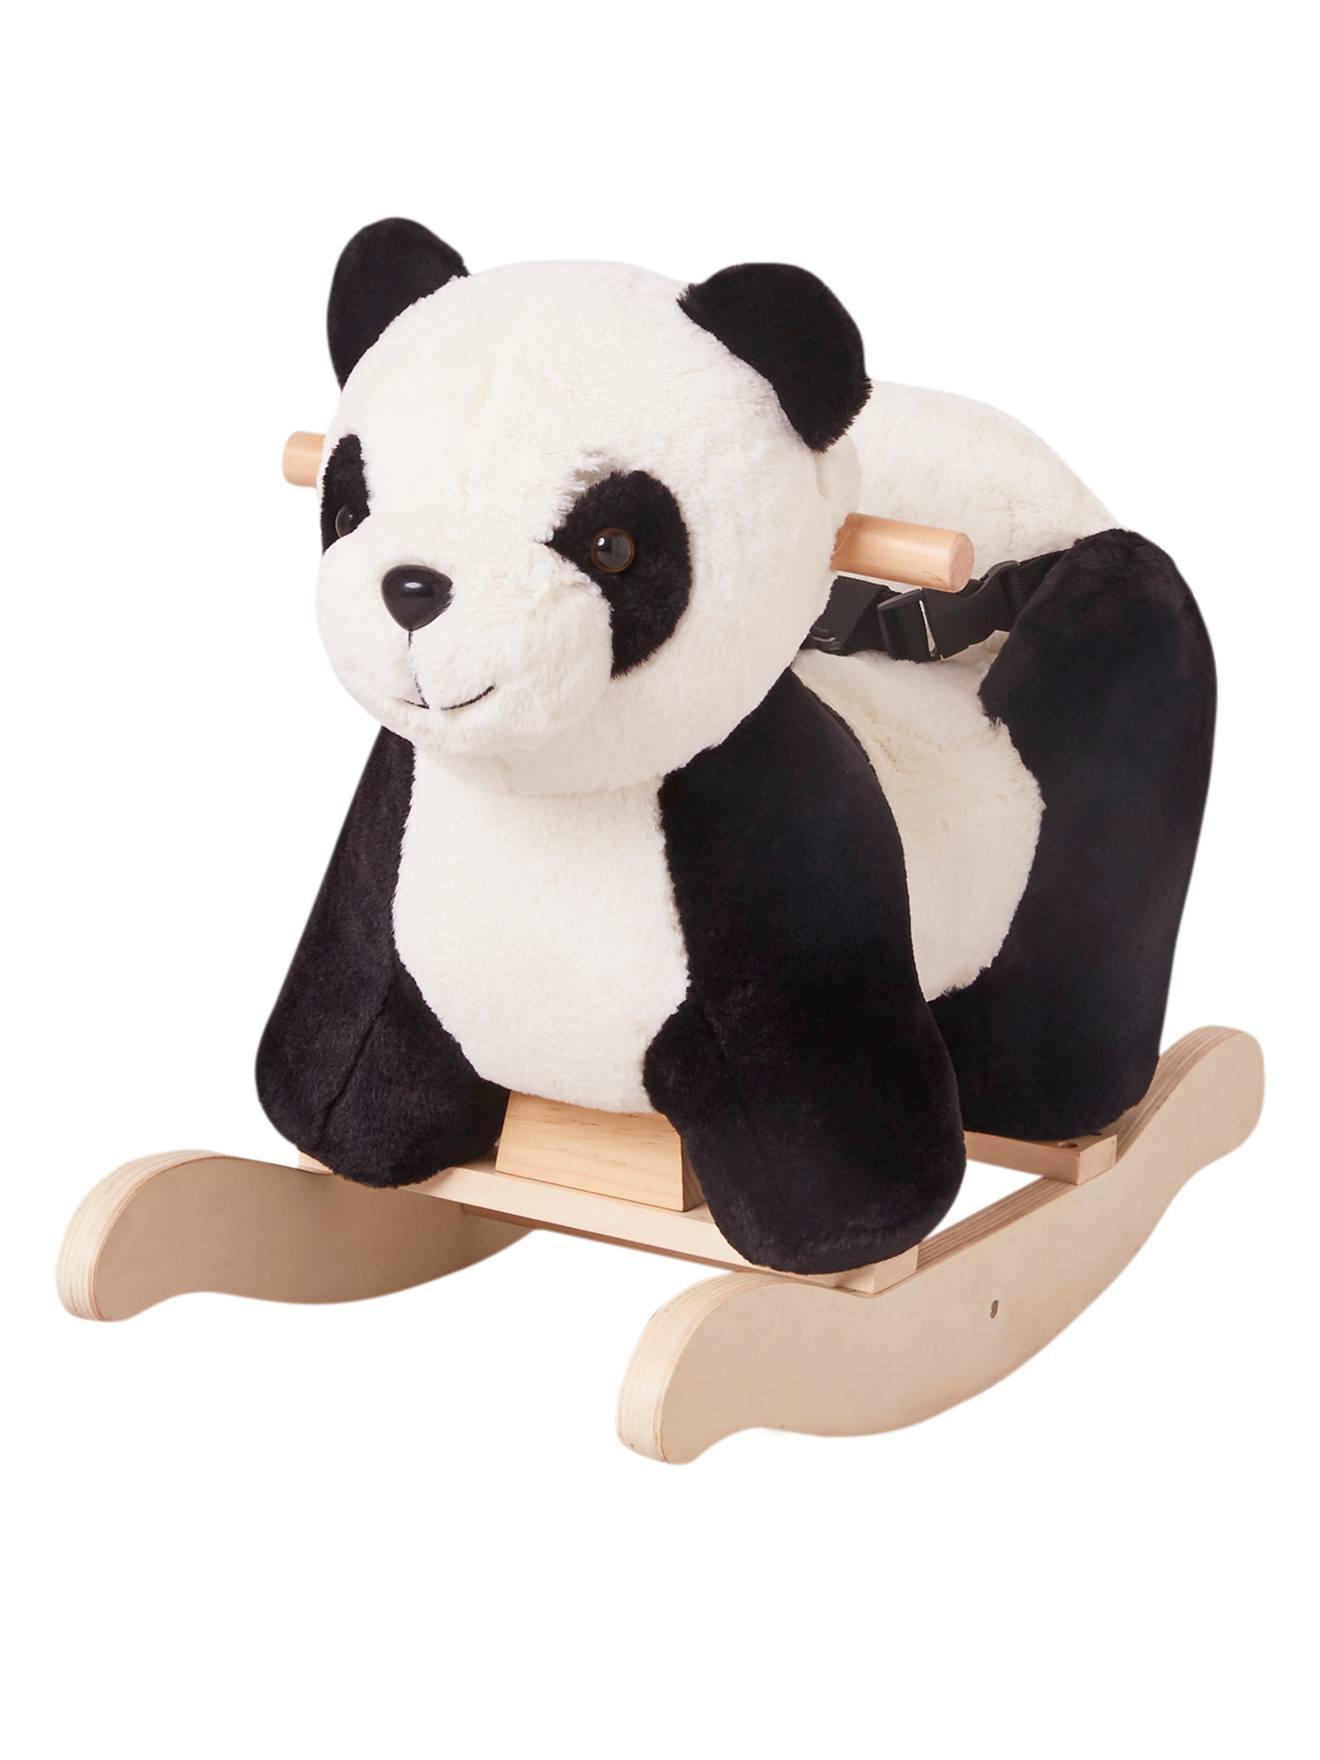 jouet enfant panda